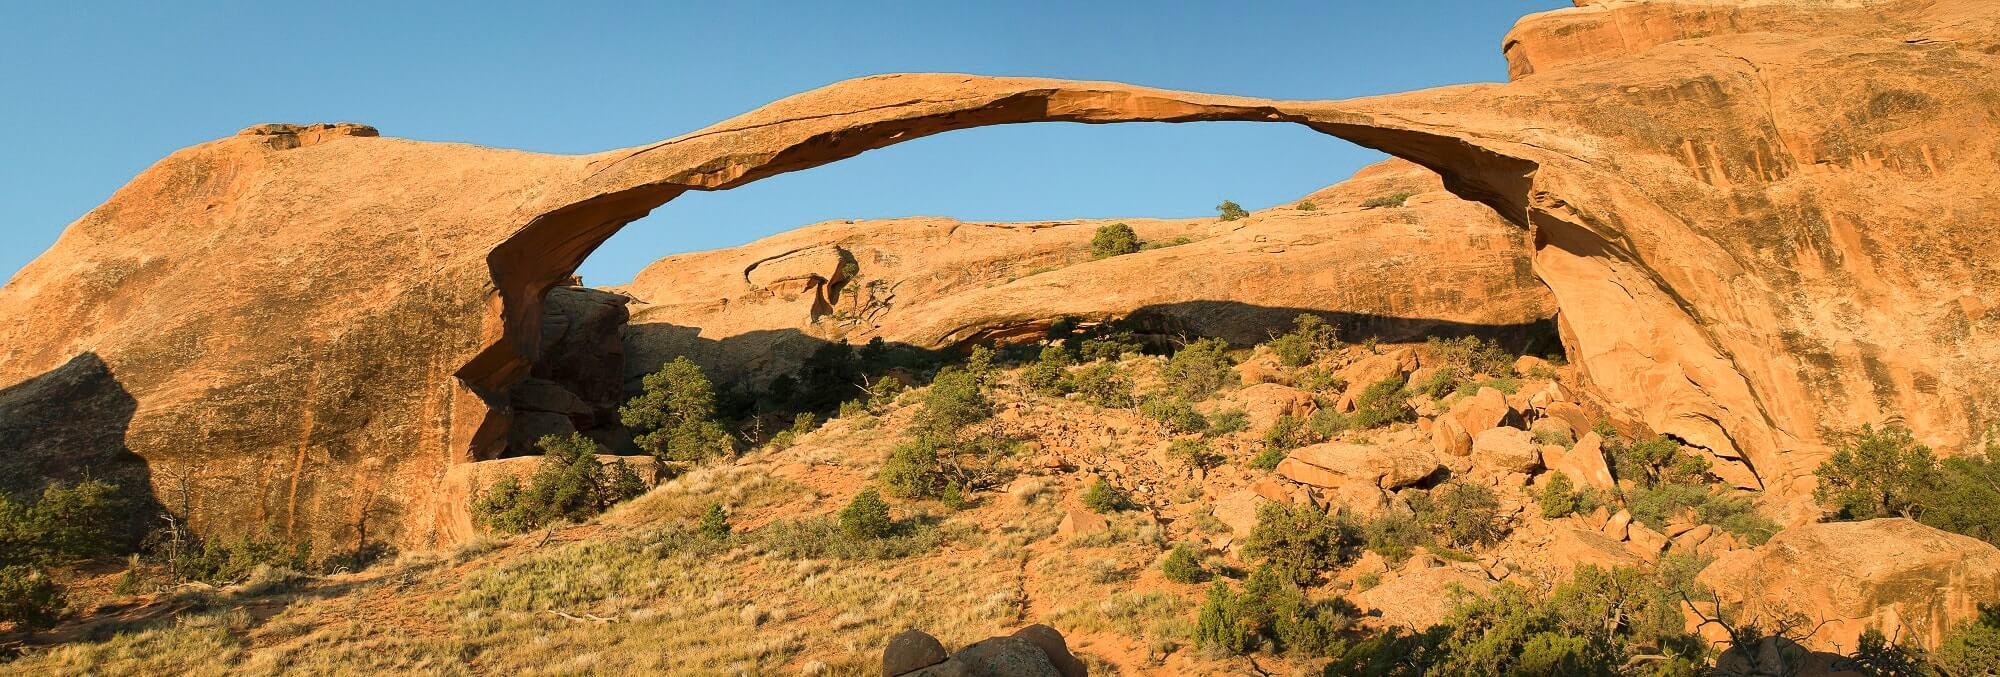 banner-landscape-longest-arch